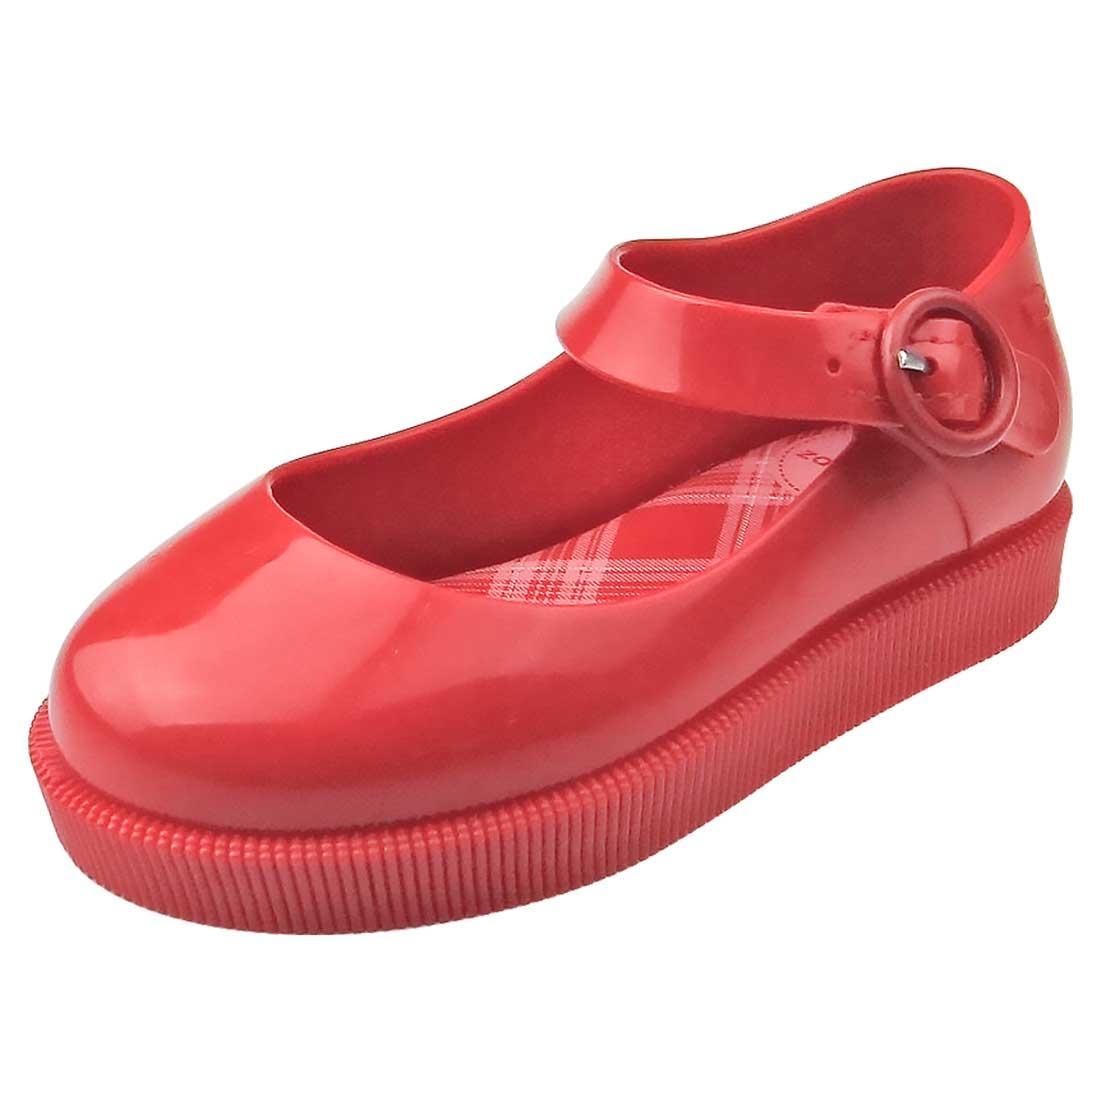 Zaxynina Caramelo Baby - Vermelha